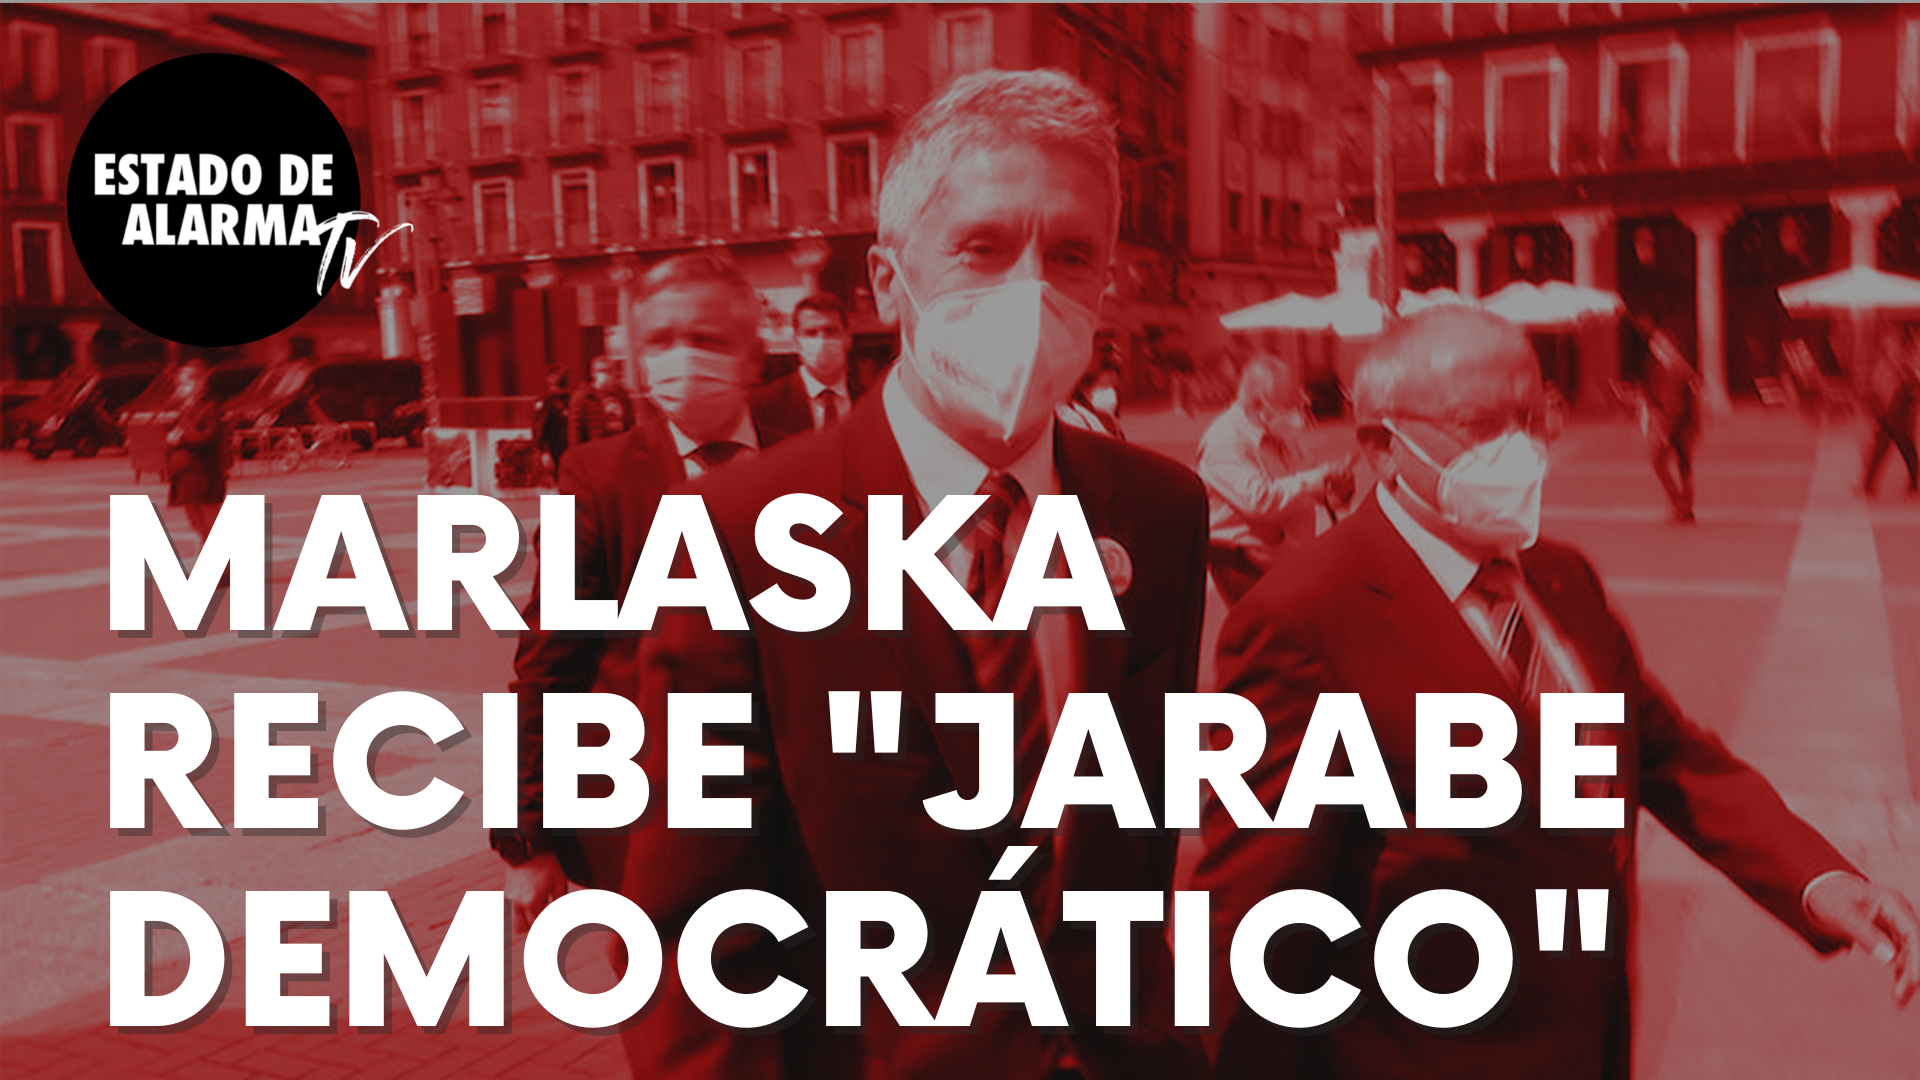 """El ministro Fernando Grande-Marlaska, recibe """"jarabe democrático"""" en Valladolid: """"Sinvergüenza"""""""